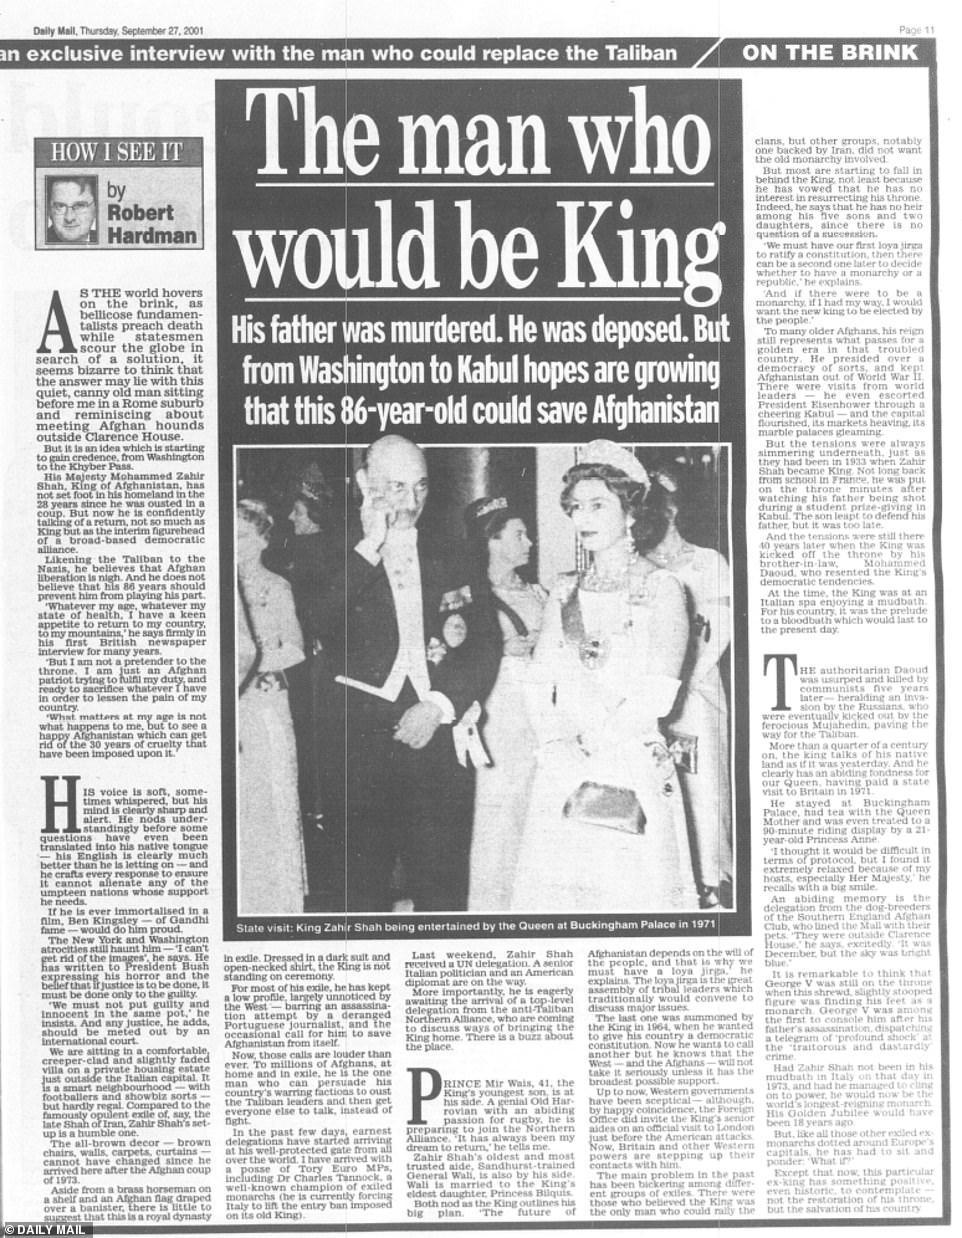 Le retour de la monarchie annoncée